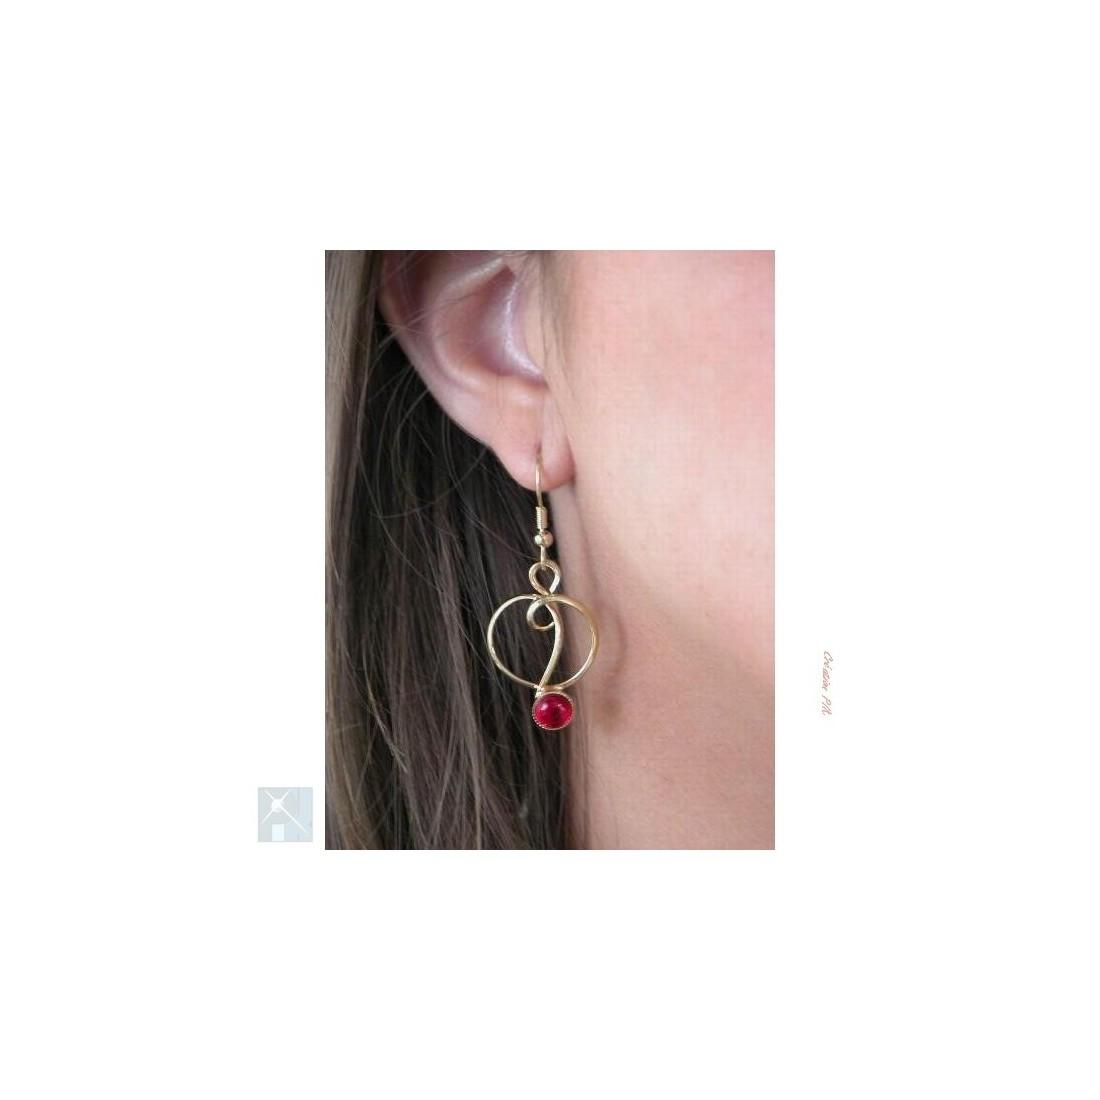 Boucles d'oreilles rouges.